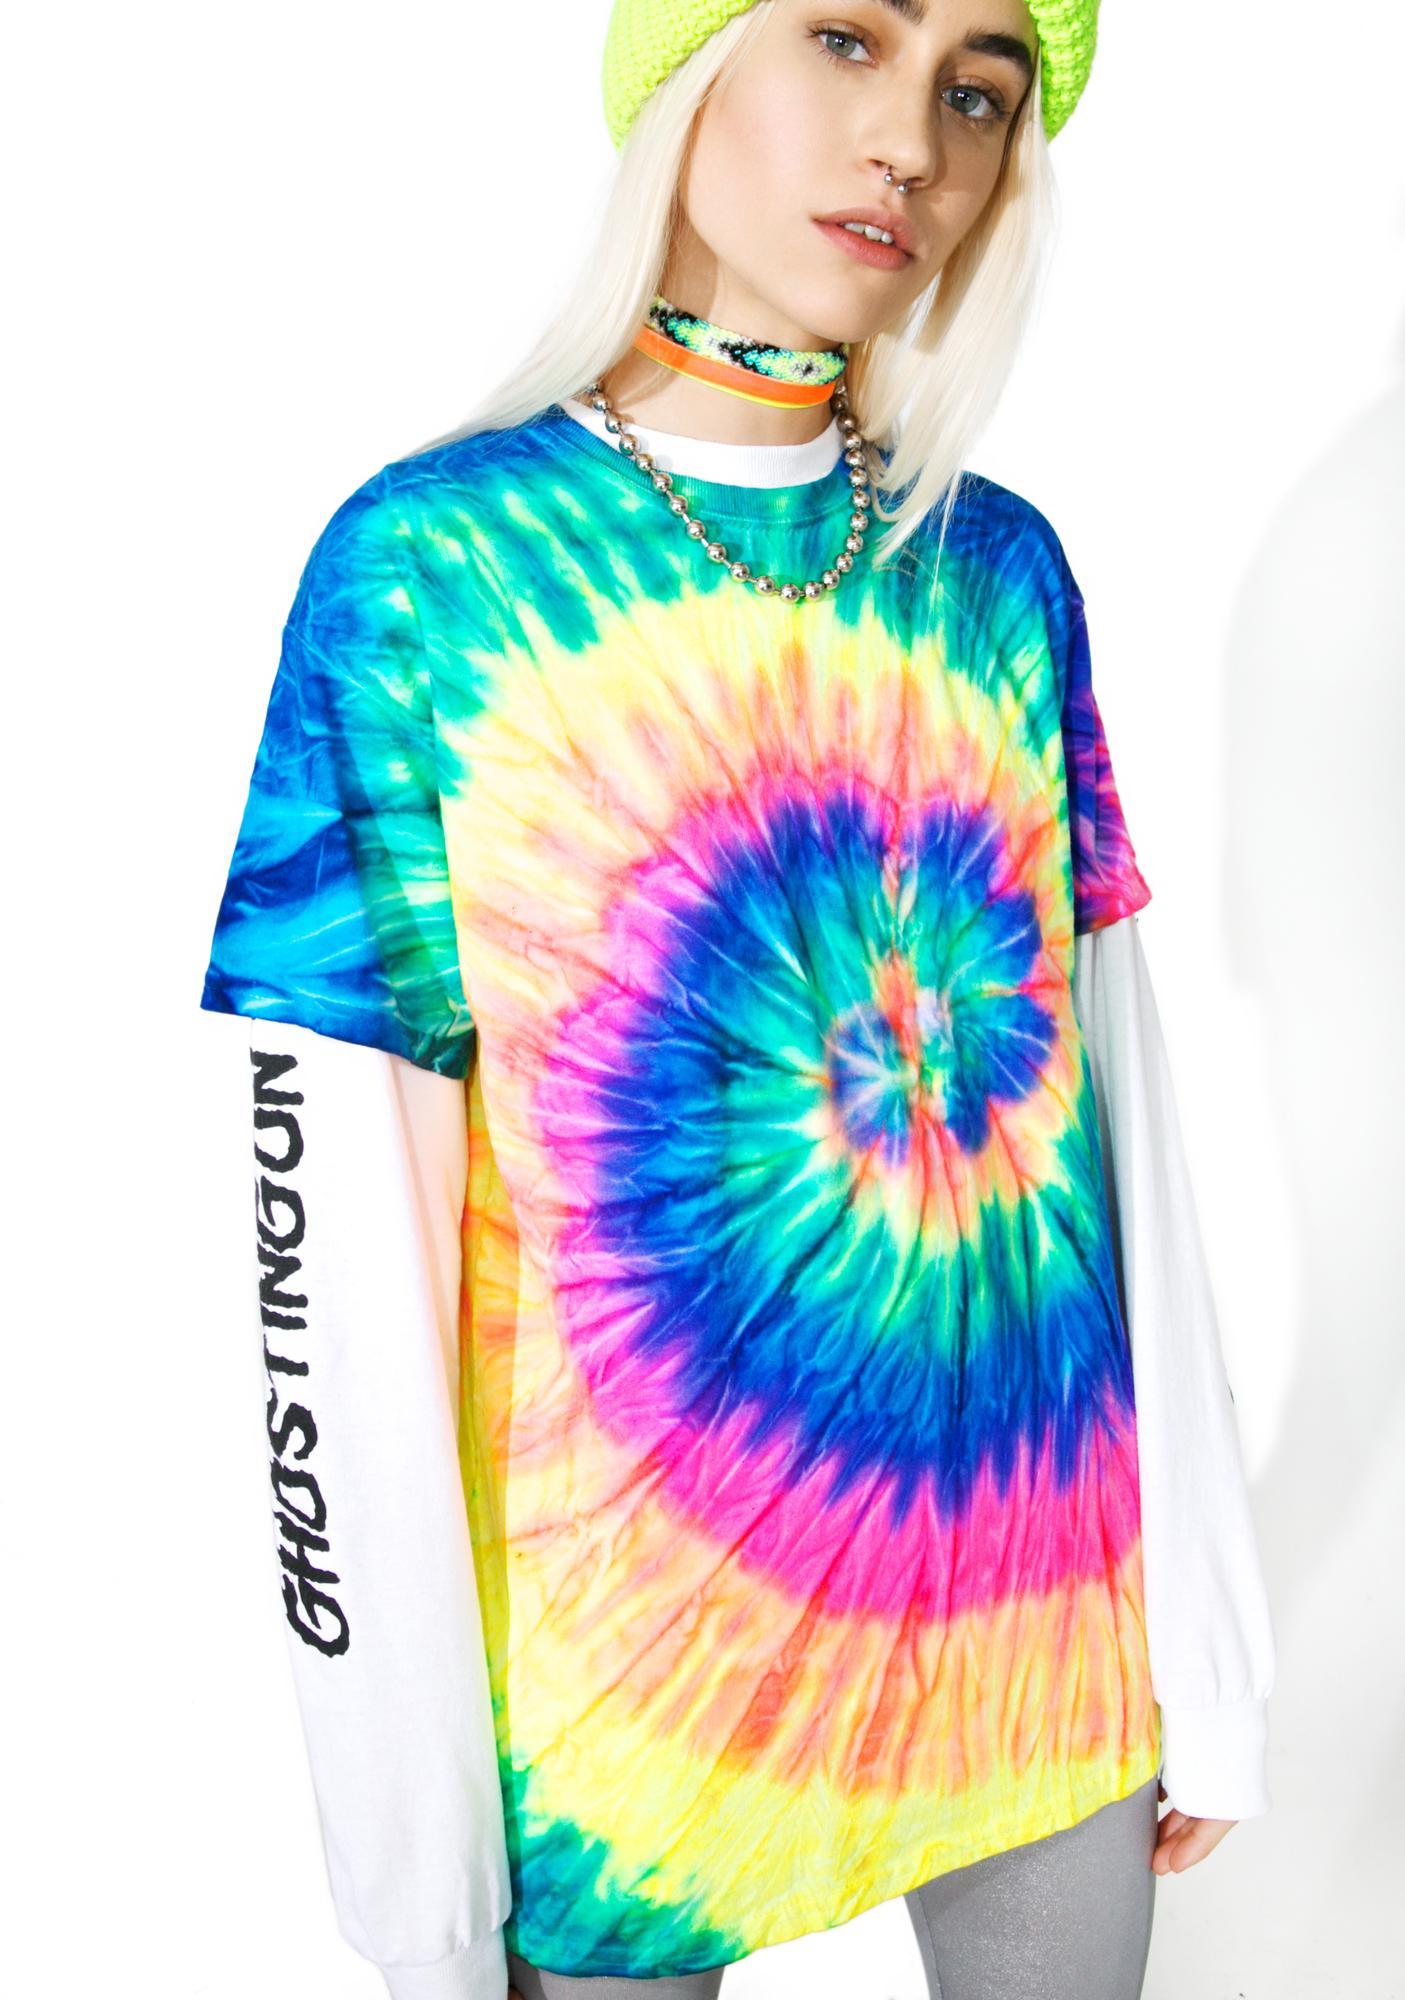 Neon Mirage Tie Dye Tee